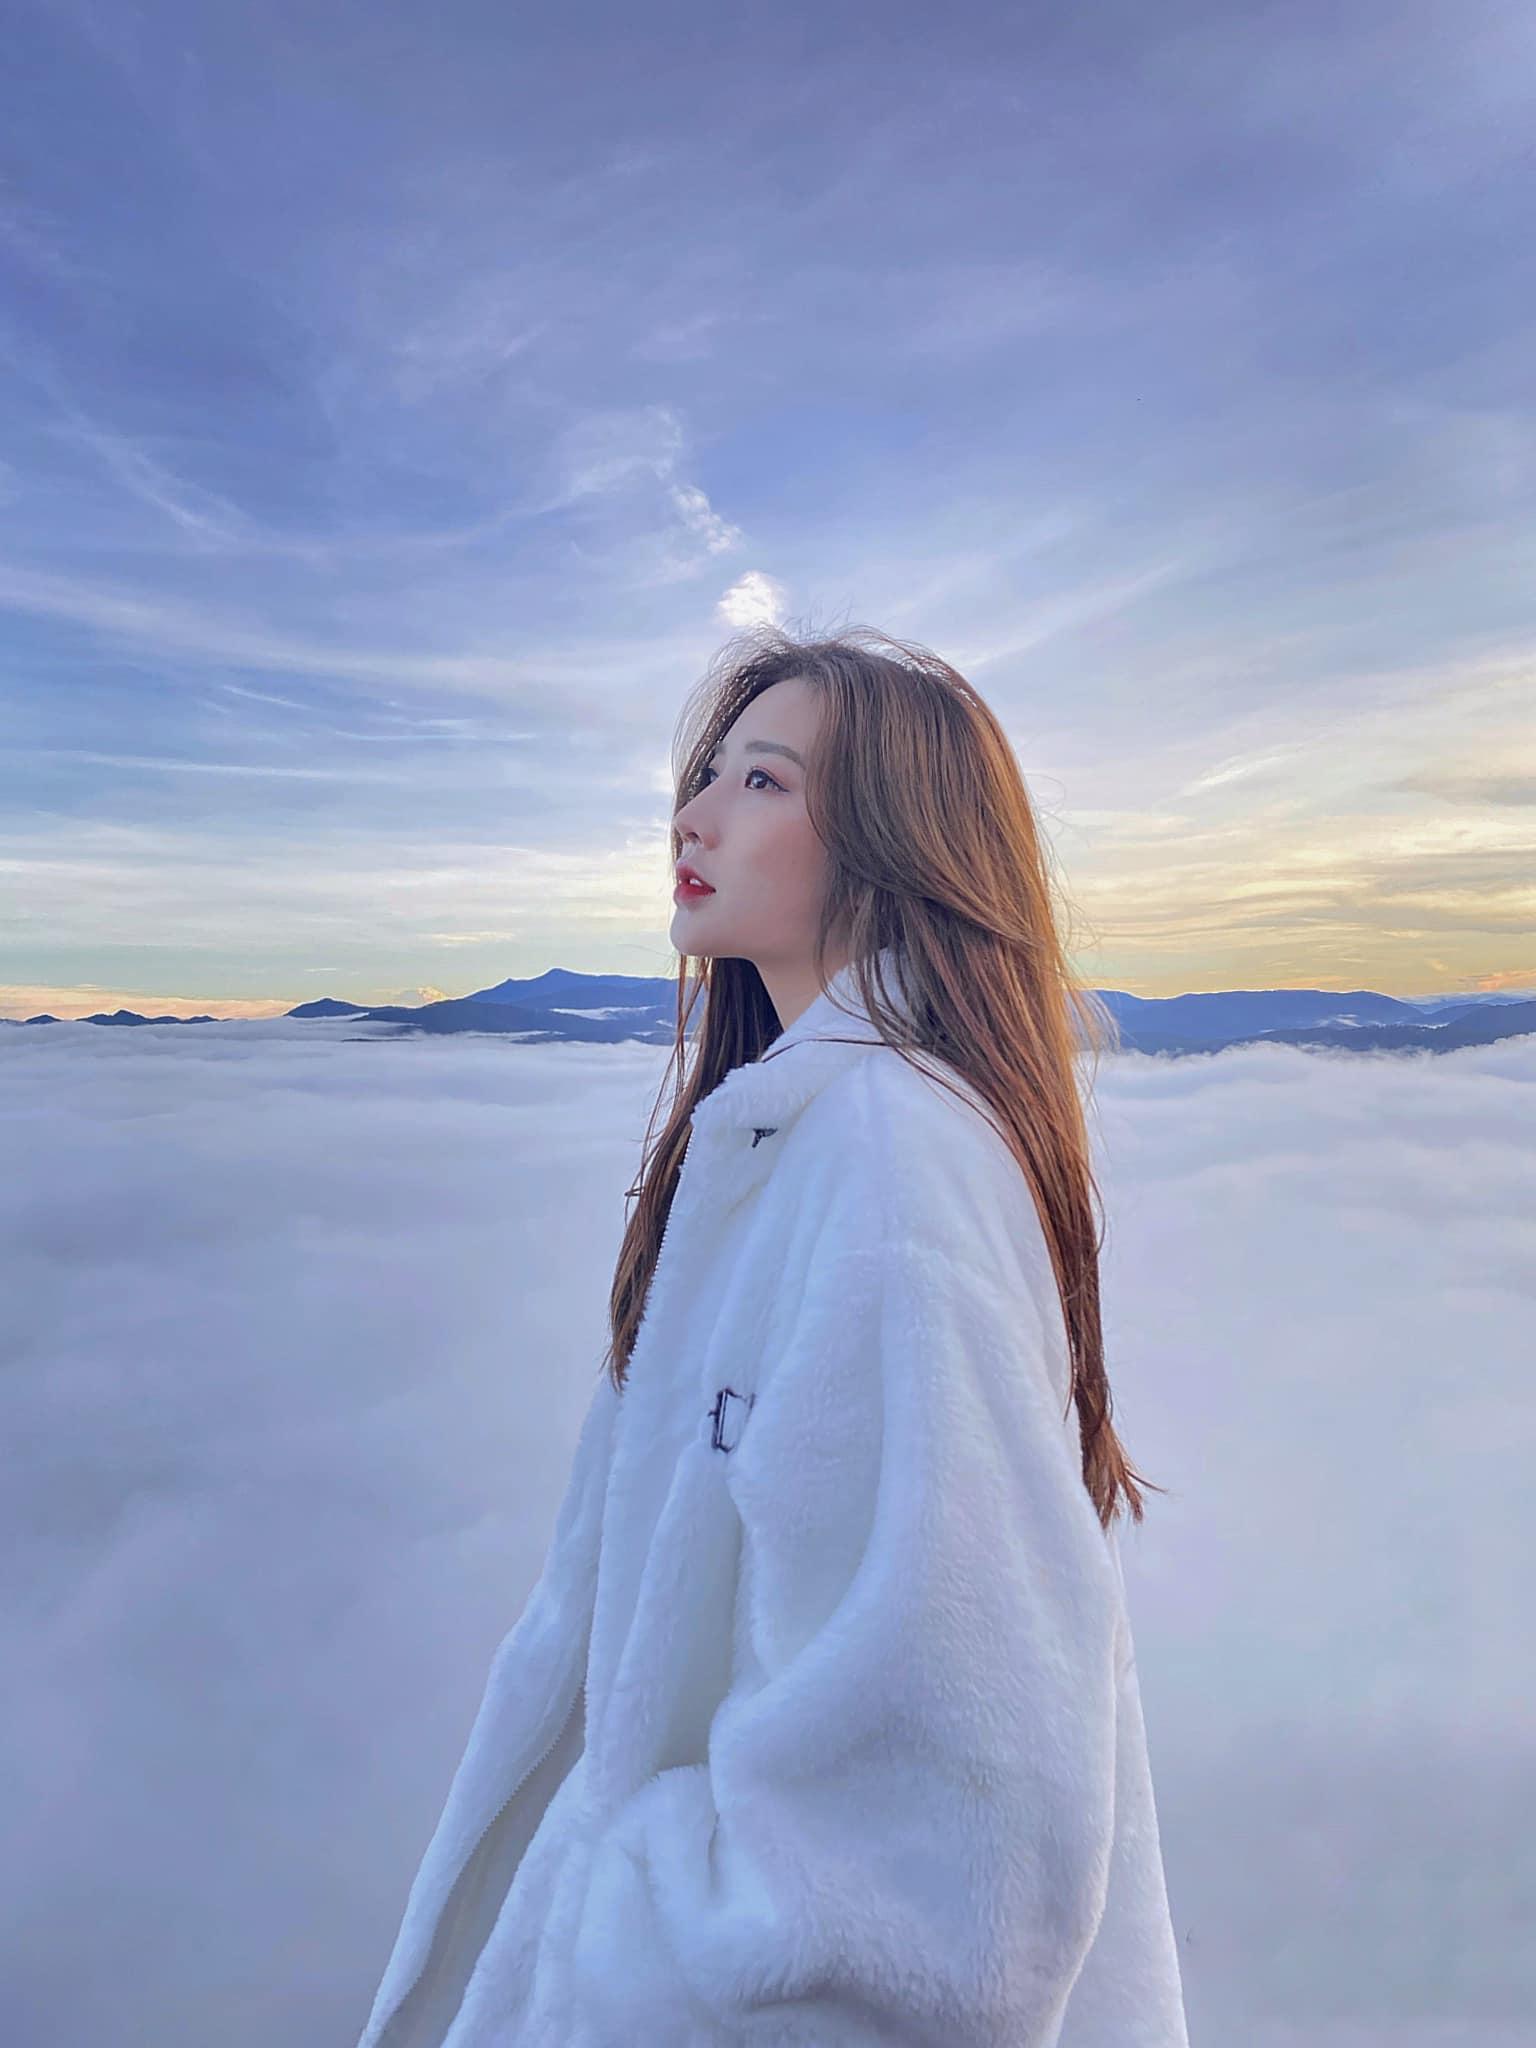 Đà Lạt tháng 1 là thời điểm tuyệt vời để đi săn mây sáng sớm đón bình minh.